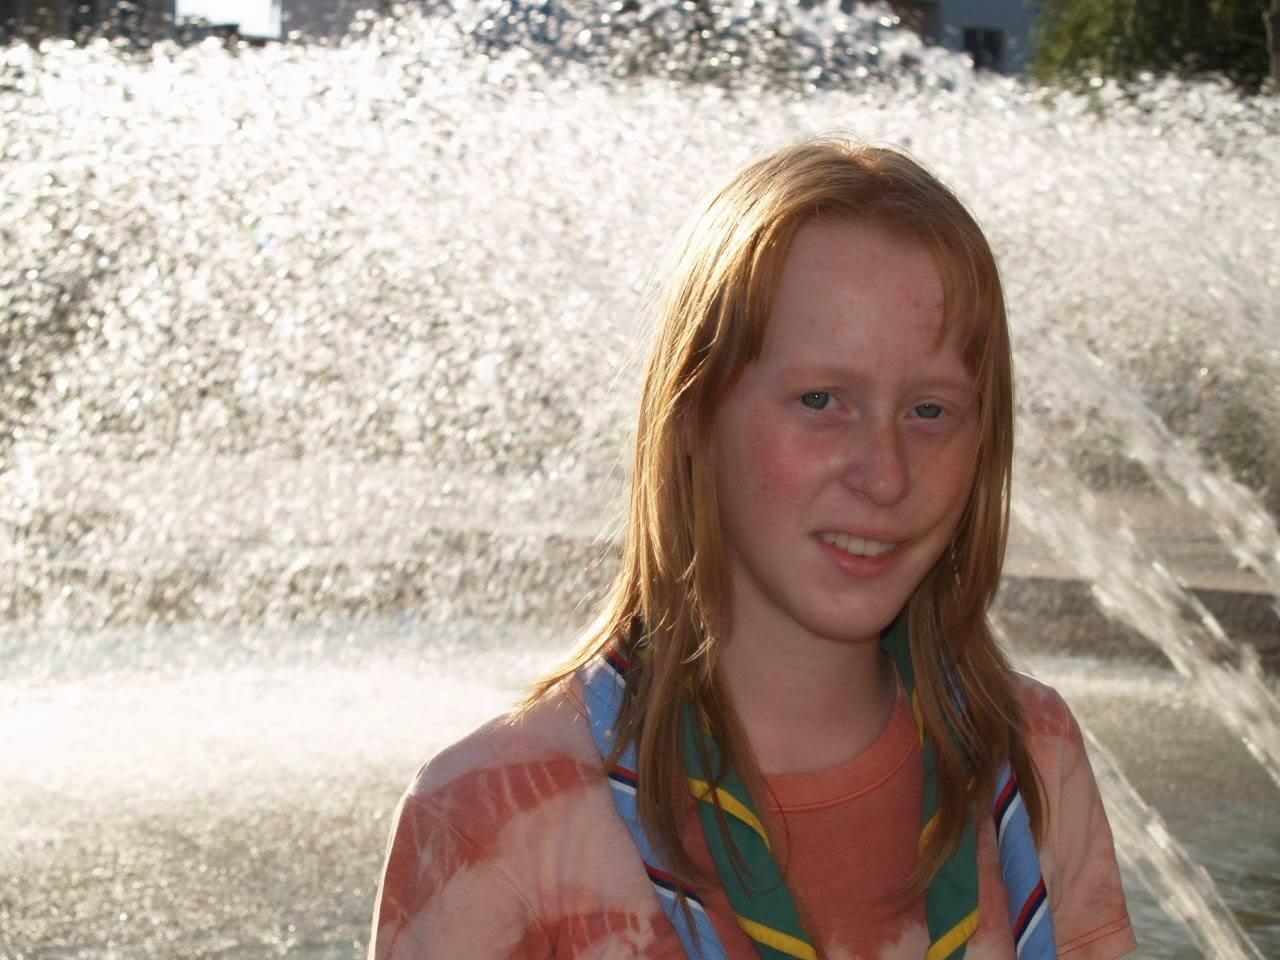 Smotra, Smotra 2006 - P0210464.JPG